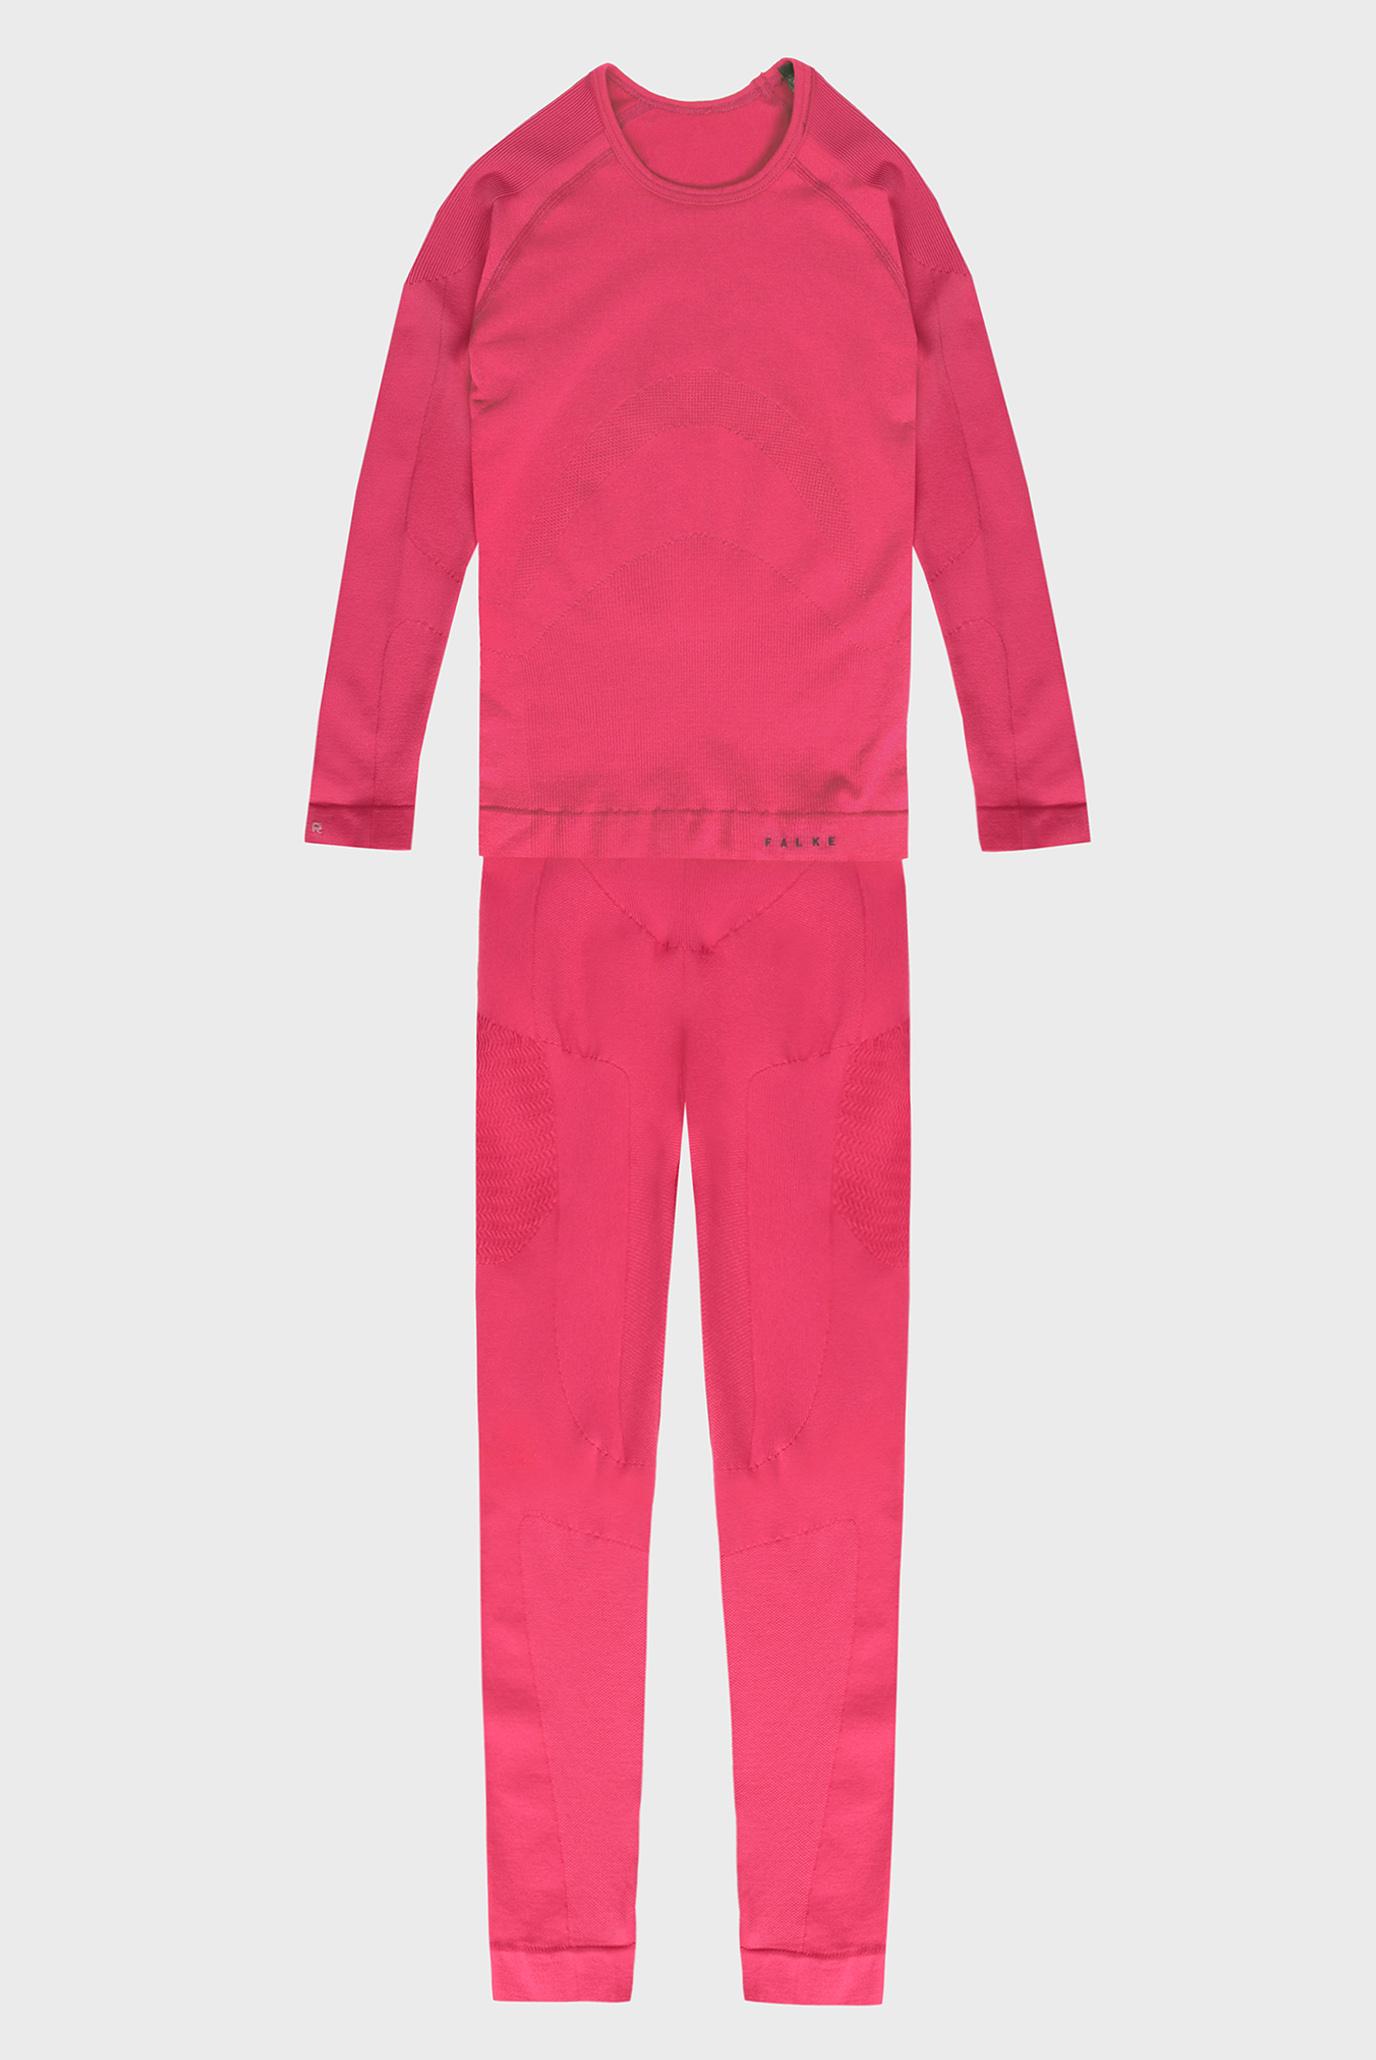 Дитяча рожева термобілизна (лонгслів, брюки) Maximum Warm 1